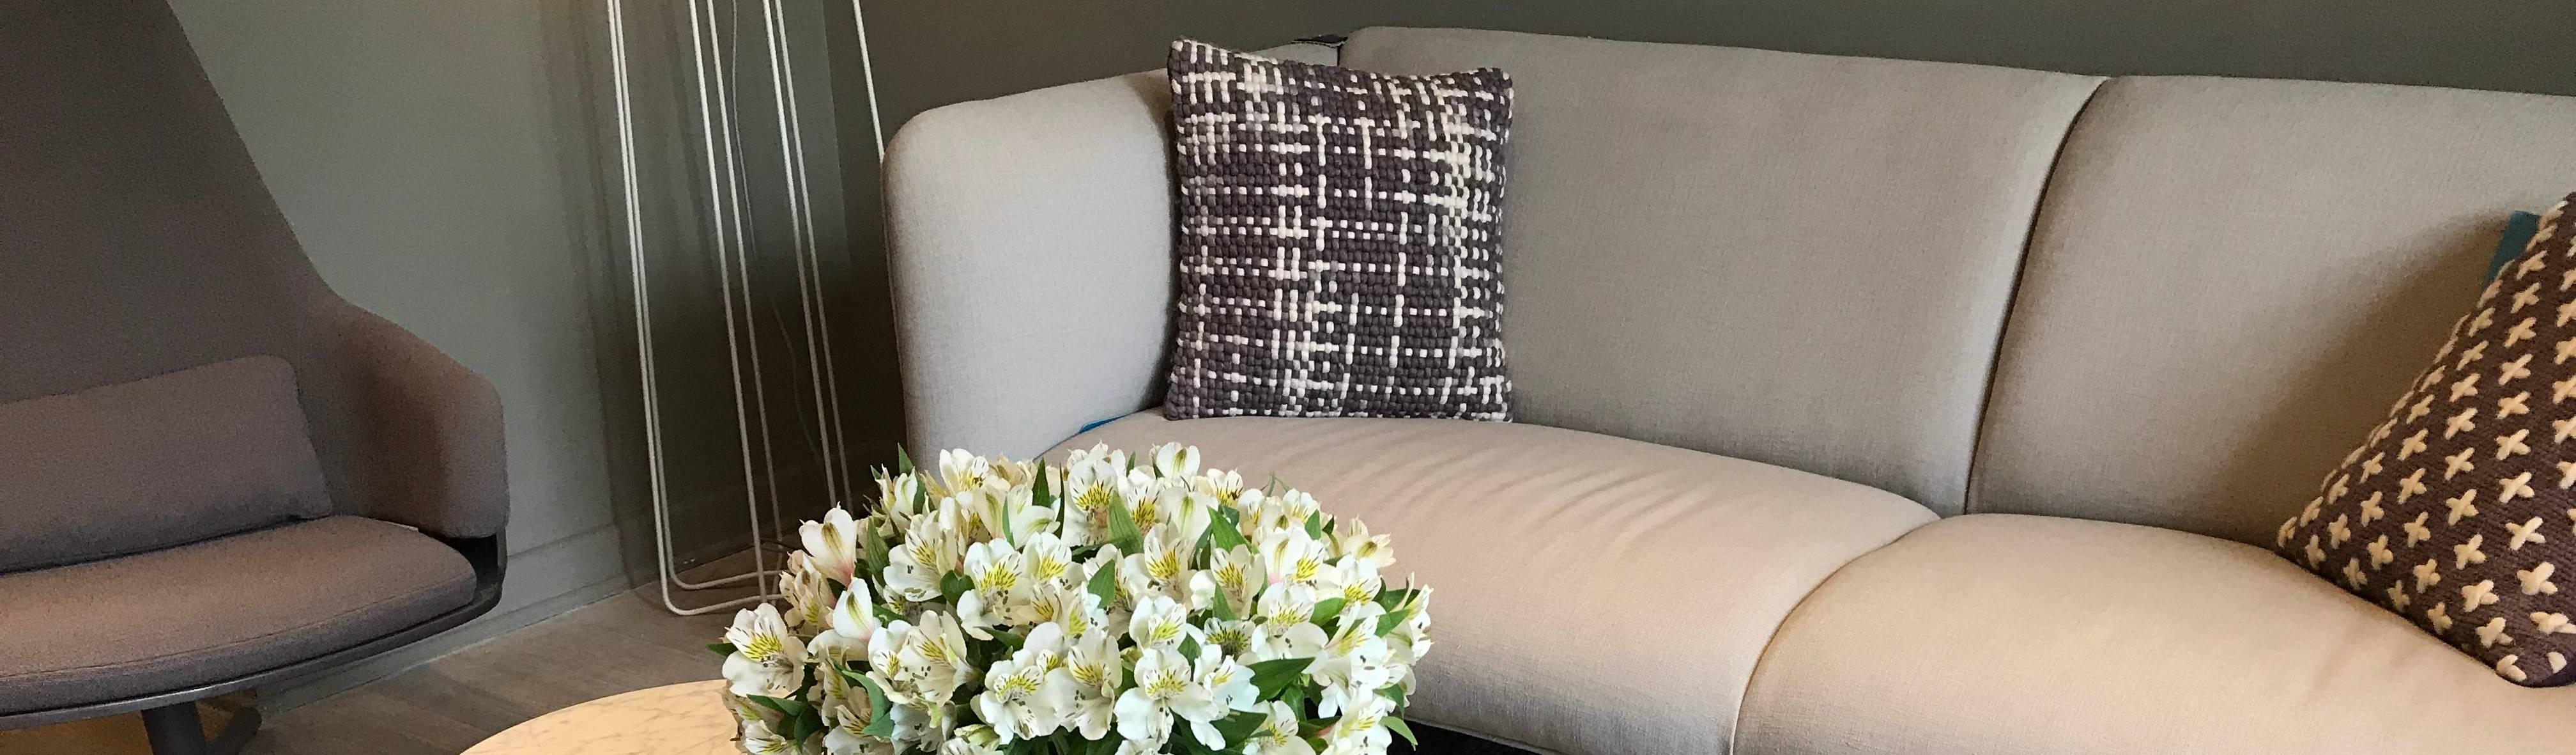 Home Reface ® By Natalia Jiménez